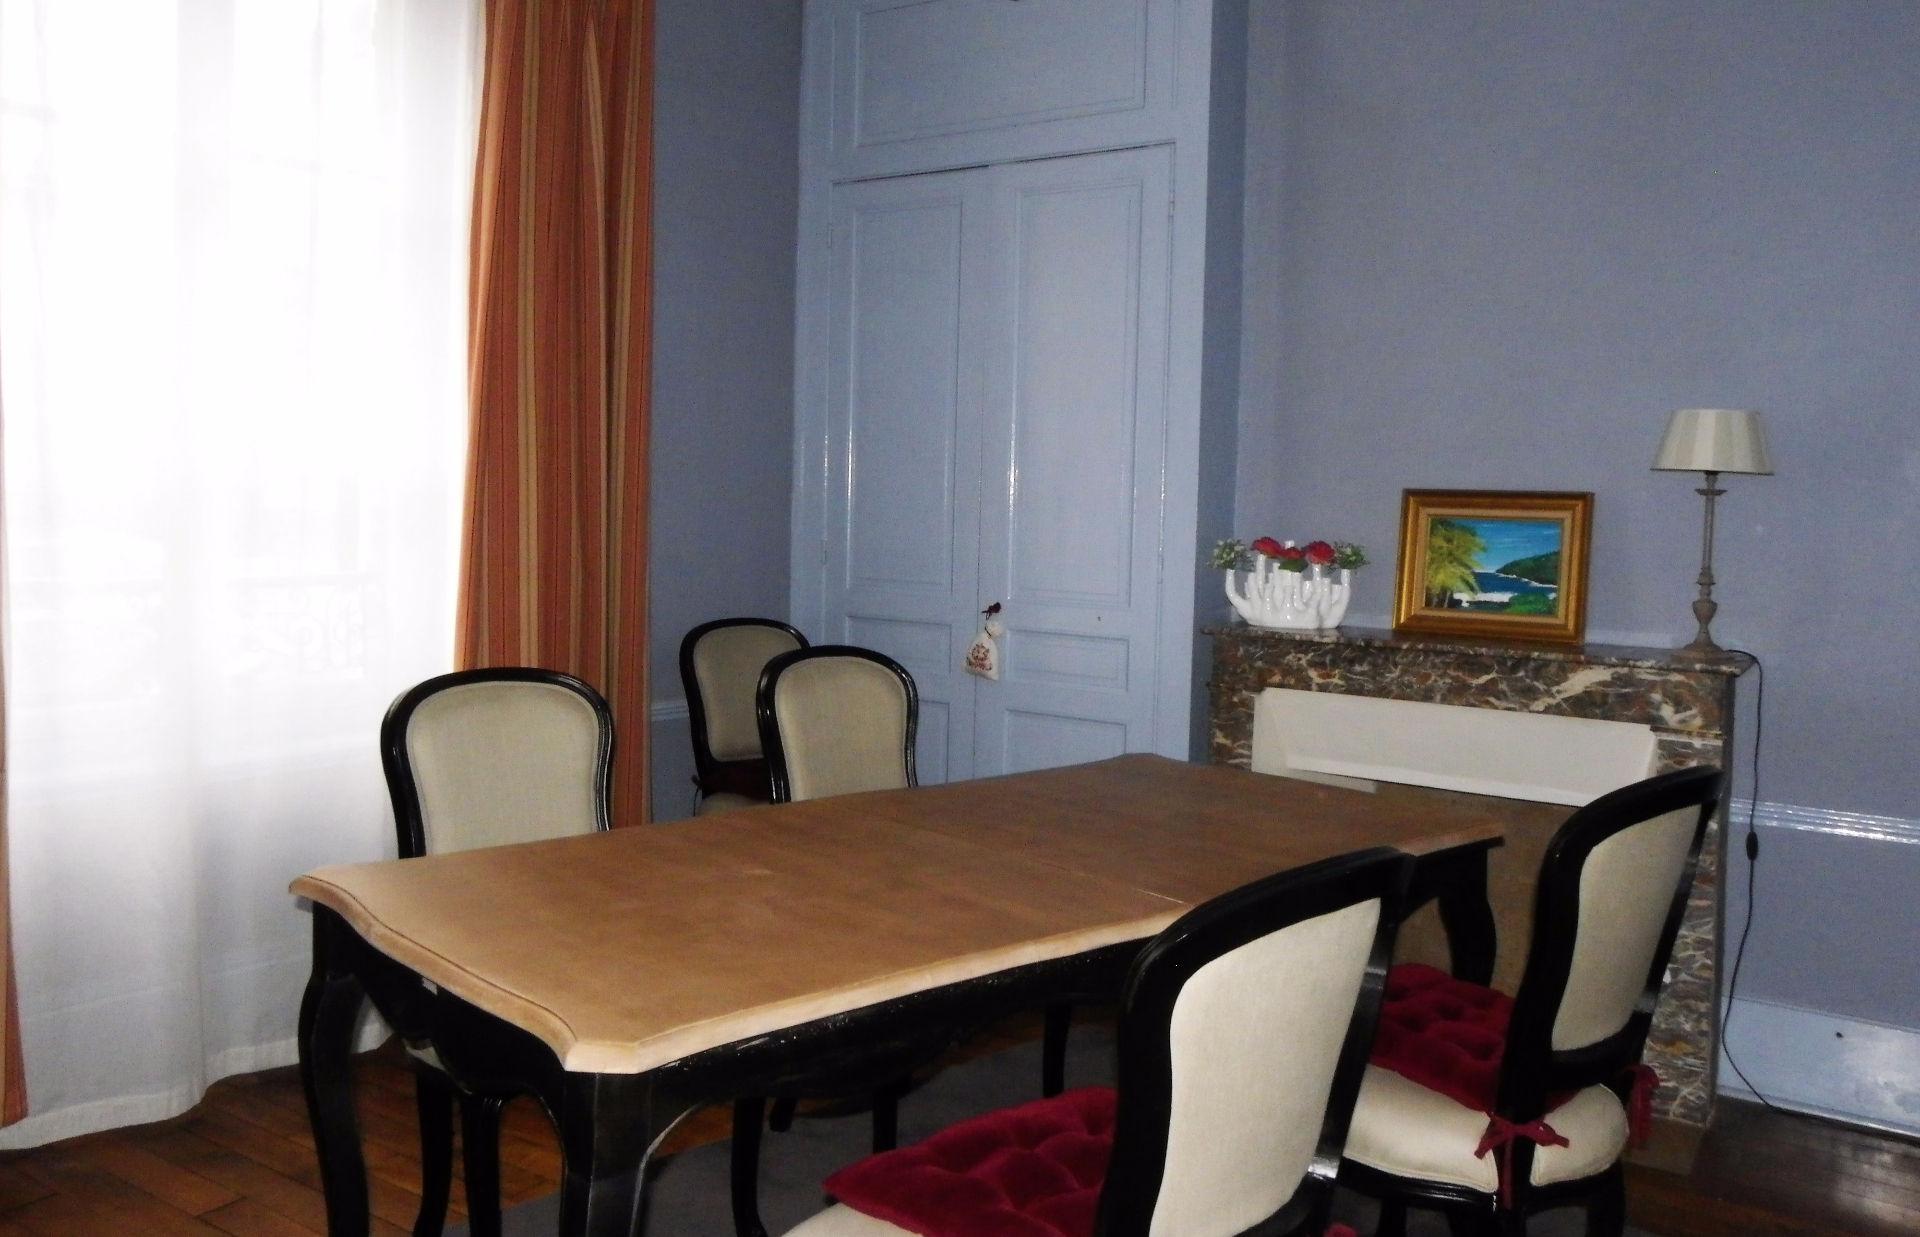 Acheter une maison à Troyes : il est nécessaire de faire estimer les travaux